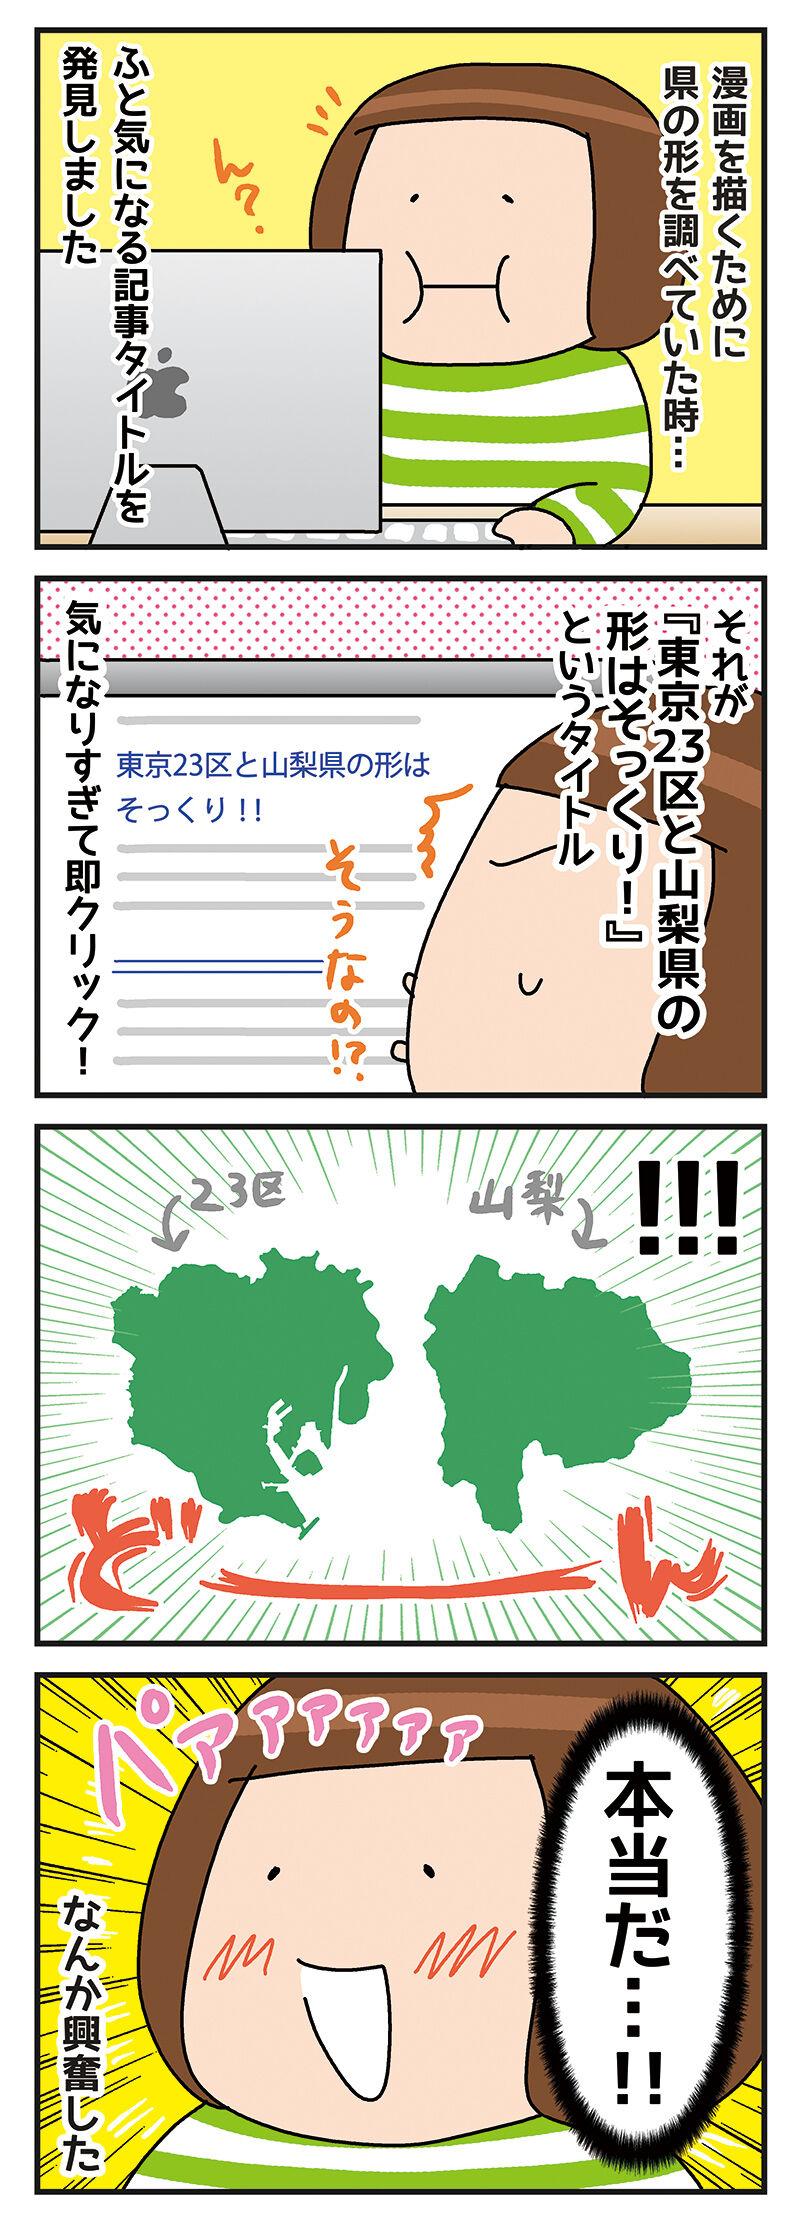 東京23区と山梨県の形はそっくり